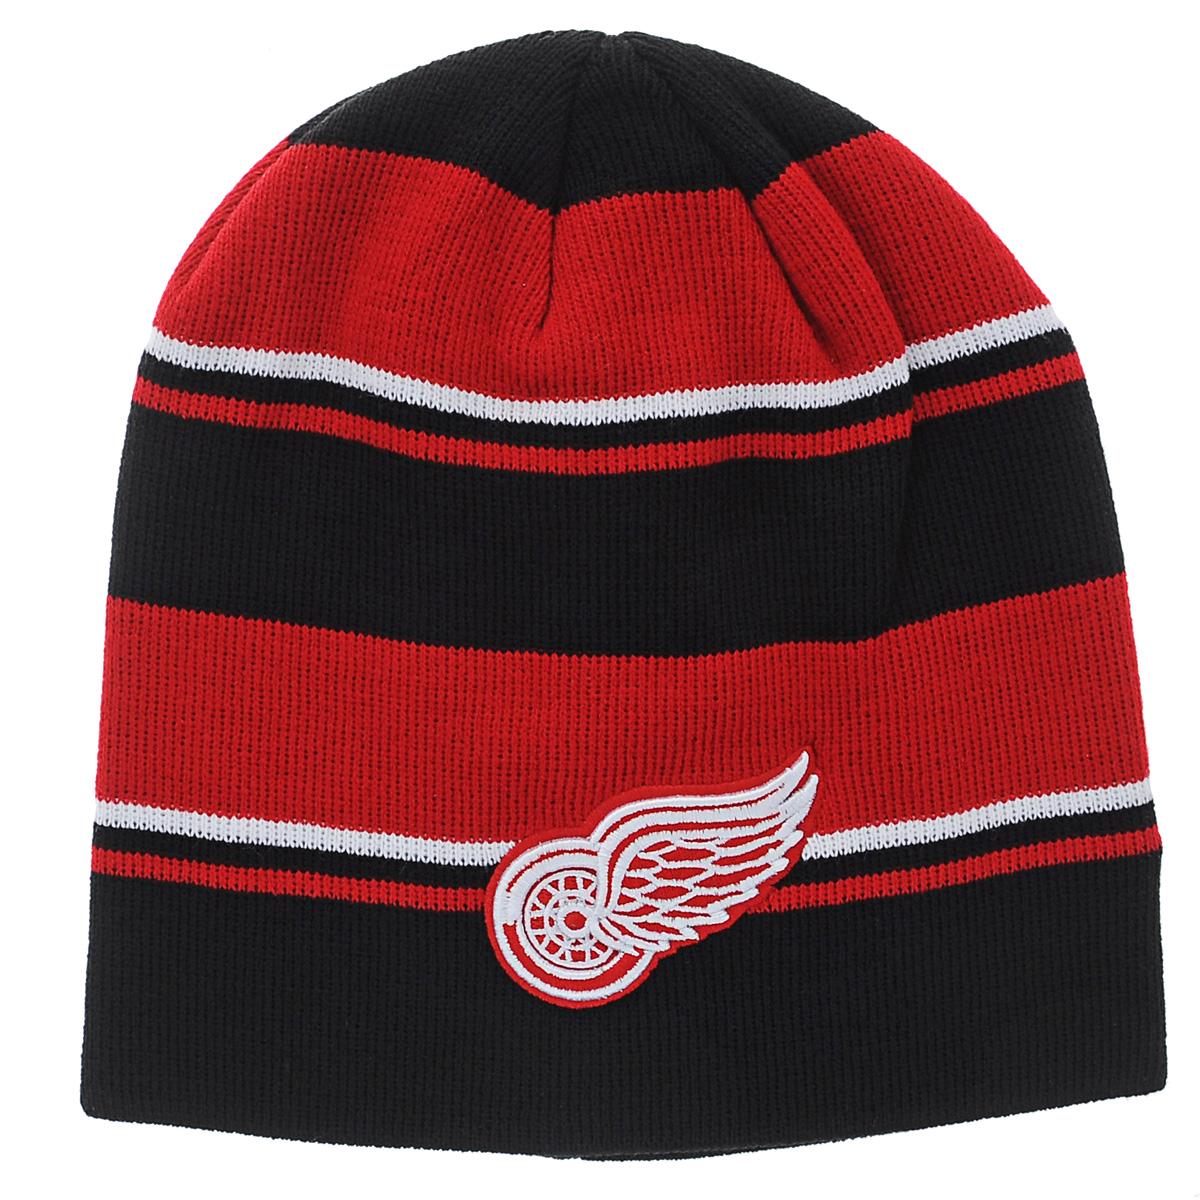 Шапка мужская Red Wings. 5901459014Мужская шапка NHL Red Wings, изготовленная из 100% акрила, мягкая и идеально прилегает к голове, хорошо тянется и устойчива к сминанию. Удлиненная двухслойная модель оформлена цветными полосками и украшена рельефной вышивкой. Такая шапка составит идеальный комплект со спортивной верхней одеждой.